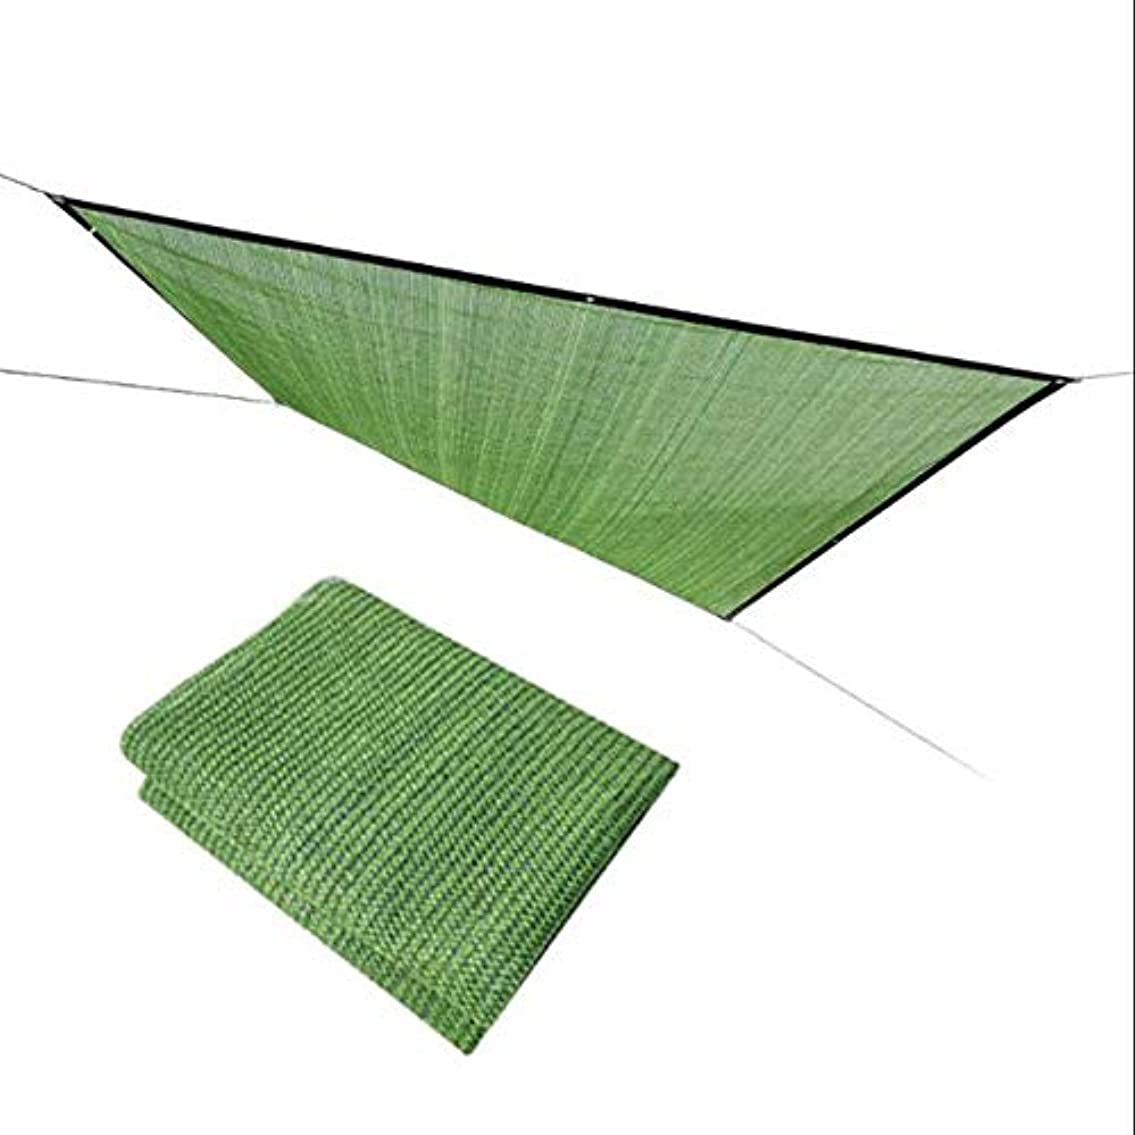 シフトソート正直XIAOLIN 日除けネット/日よけの帆/花のバルコニー日焼け止めの網/通気性の日よけネットワーク/庭の緑の植物の絶縁材の網 (サイズ さいず : 0.6x1m)